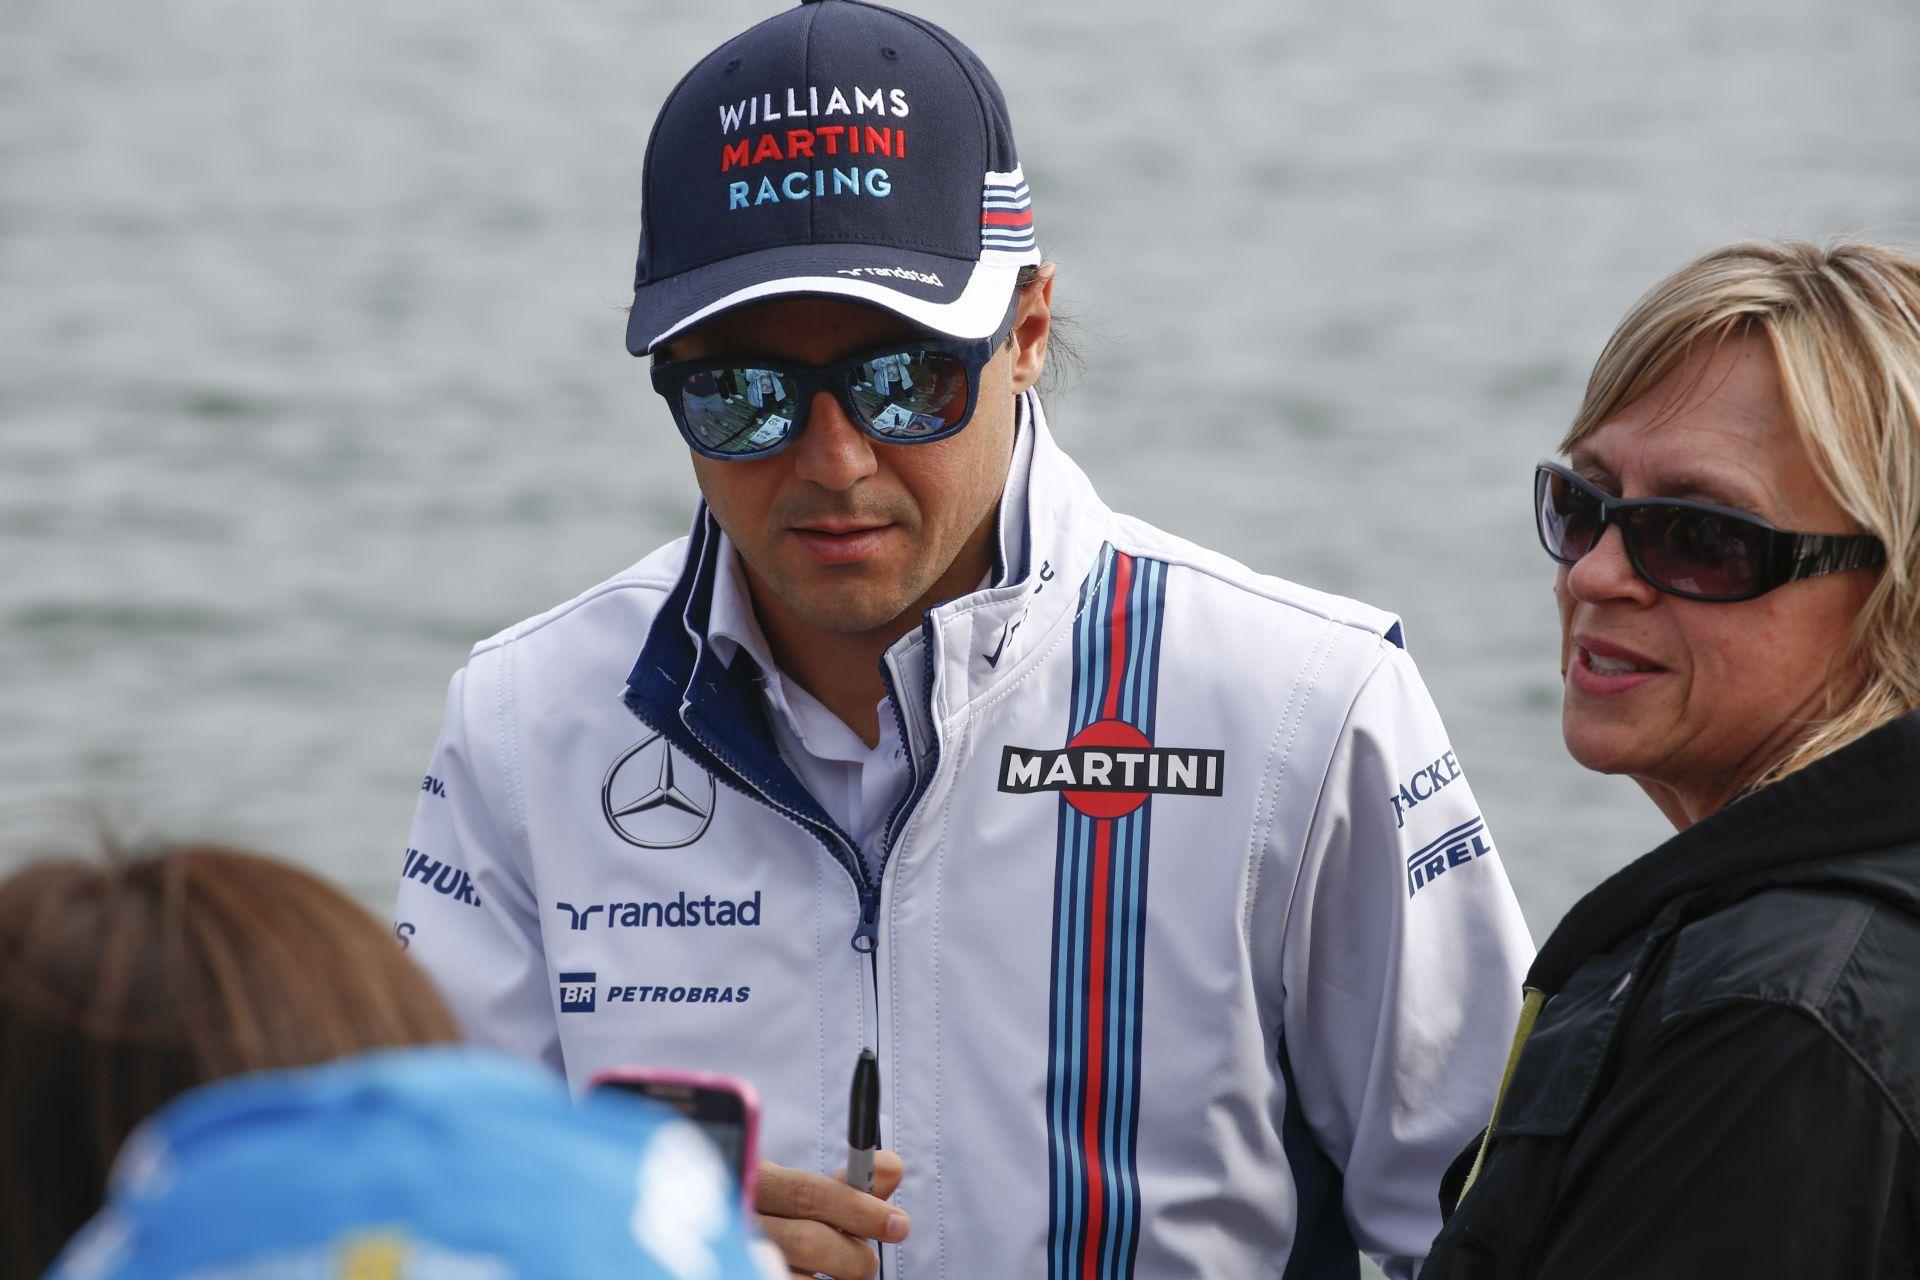 Massa meglepte a feleségét: még mindig dúl a szerelem közöttük